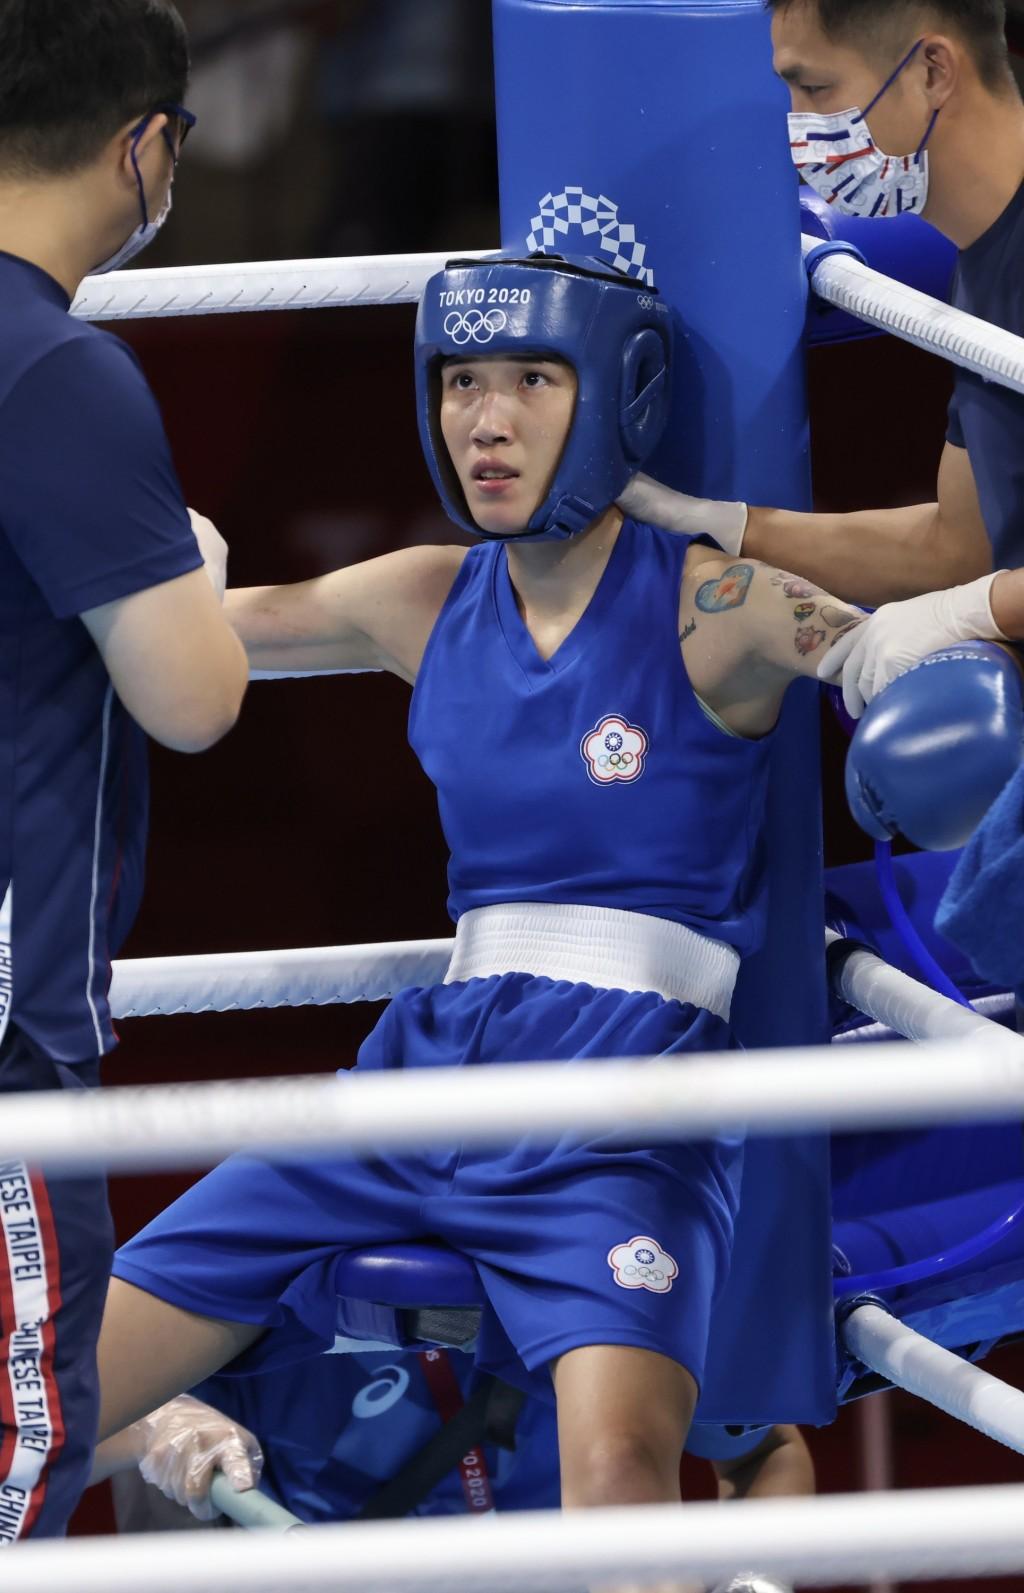 【日本東京奧運】拳擊女將黃筱雯奪銅 仍為台灣奧運拳擊寫下歷史